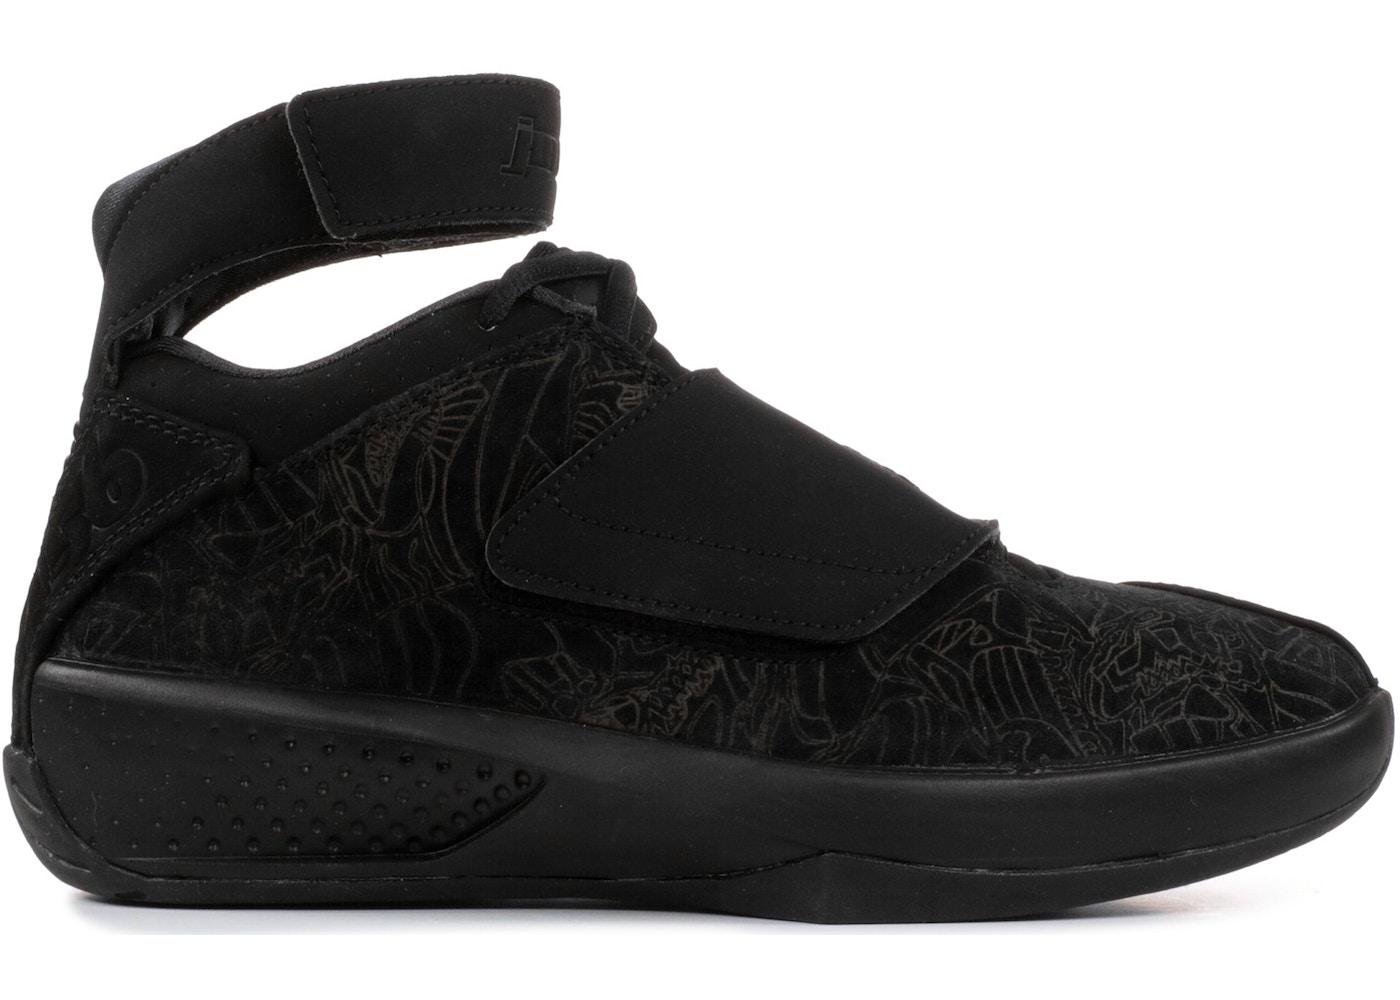 7db58f5ee90f1d Buy Air Jordan 20 Shoes   Deadstock Sneakers